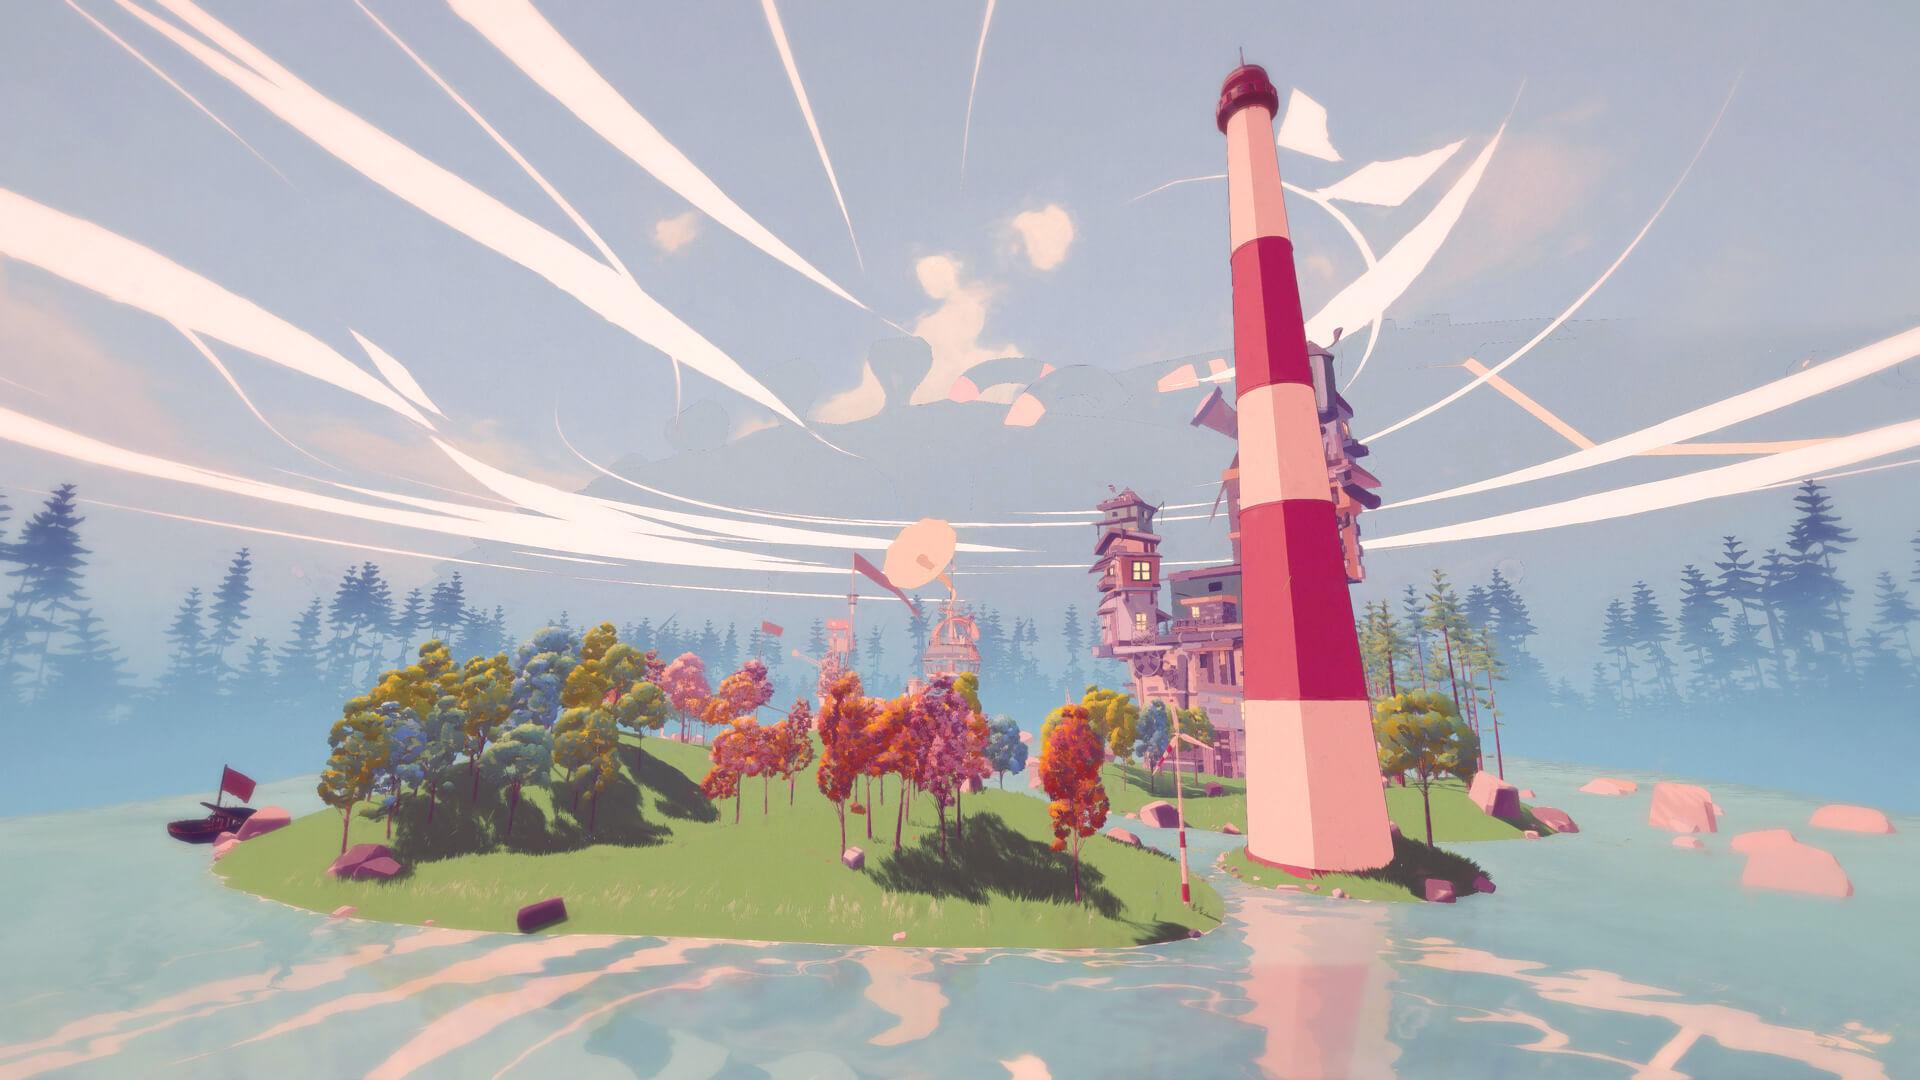 Il gioco alterna meravigliosi panorami color pastello ad ambienti più chiusi e claustrofobici.